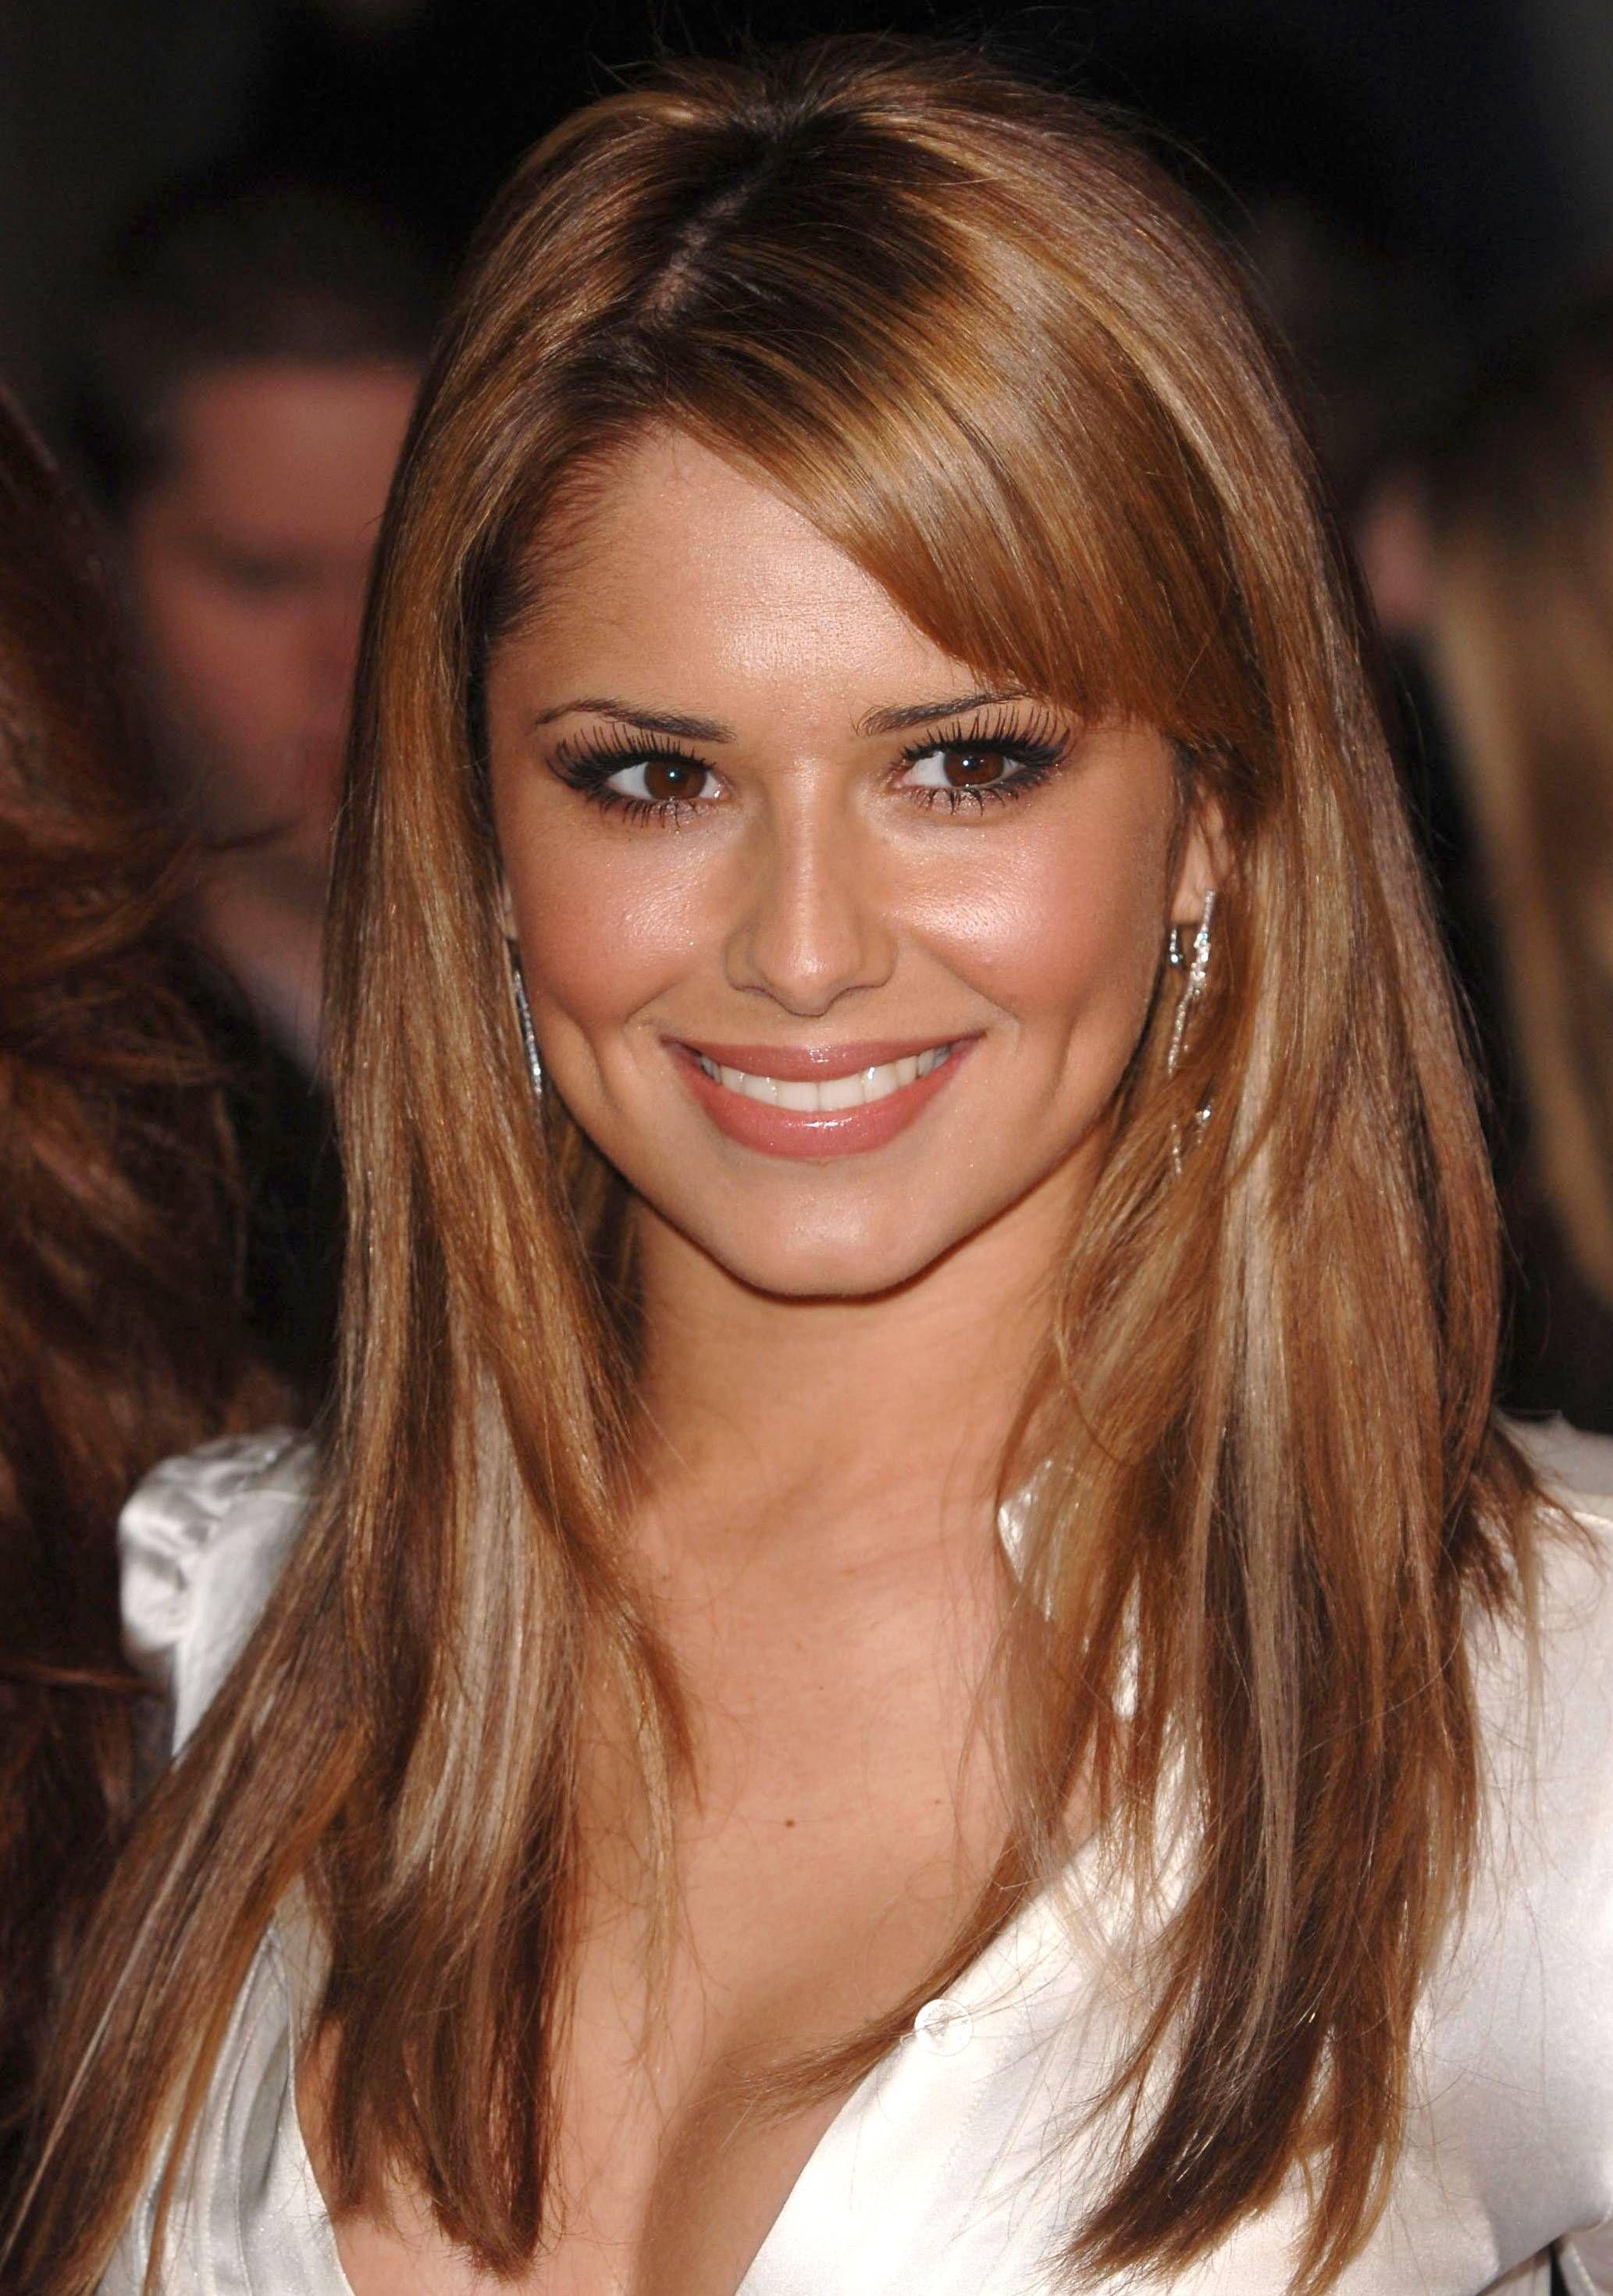 Cheryl Cole Cheryl Cole Cheryl Cole Makeup Hair Styles